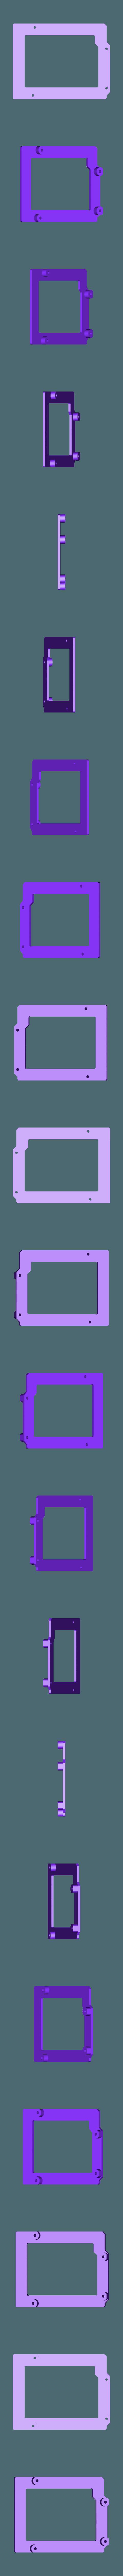 Arm-Arduino-UNO.STL Télécharger fichier STL gratuit Bras pour circuit imprimé pour Arduino UNO et MeanWell EPP-100-24 • Plan pour imprimante 3D, perinski